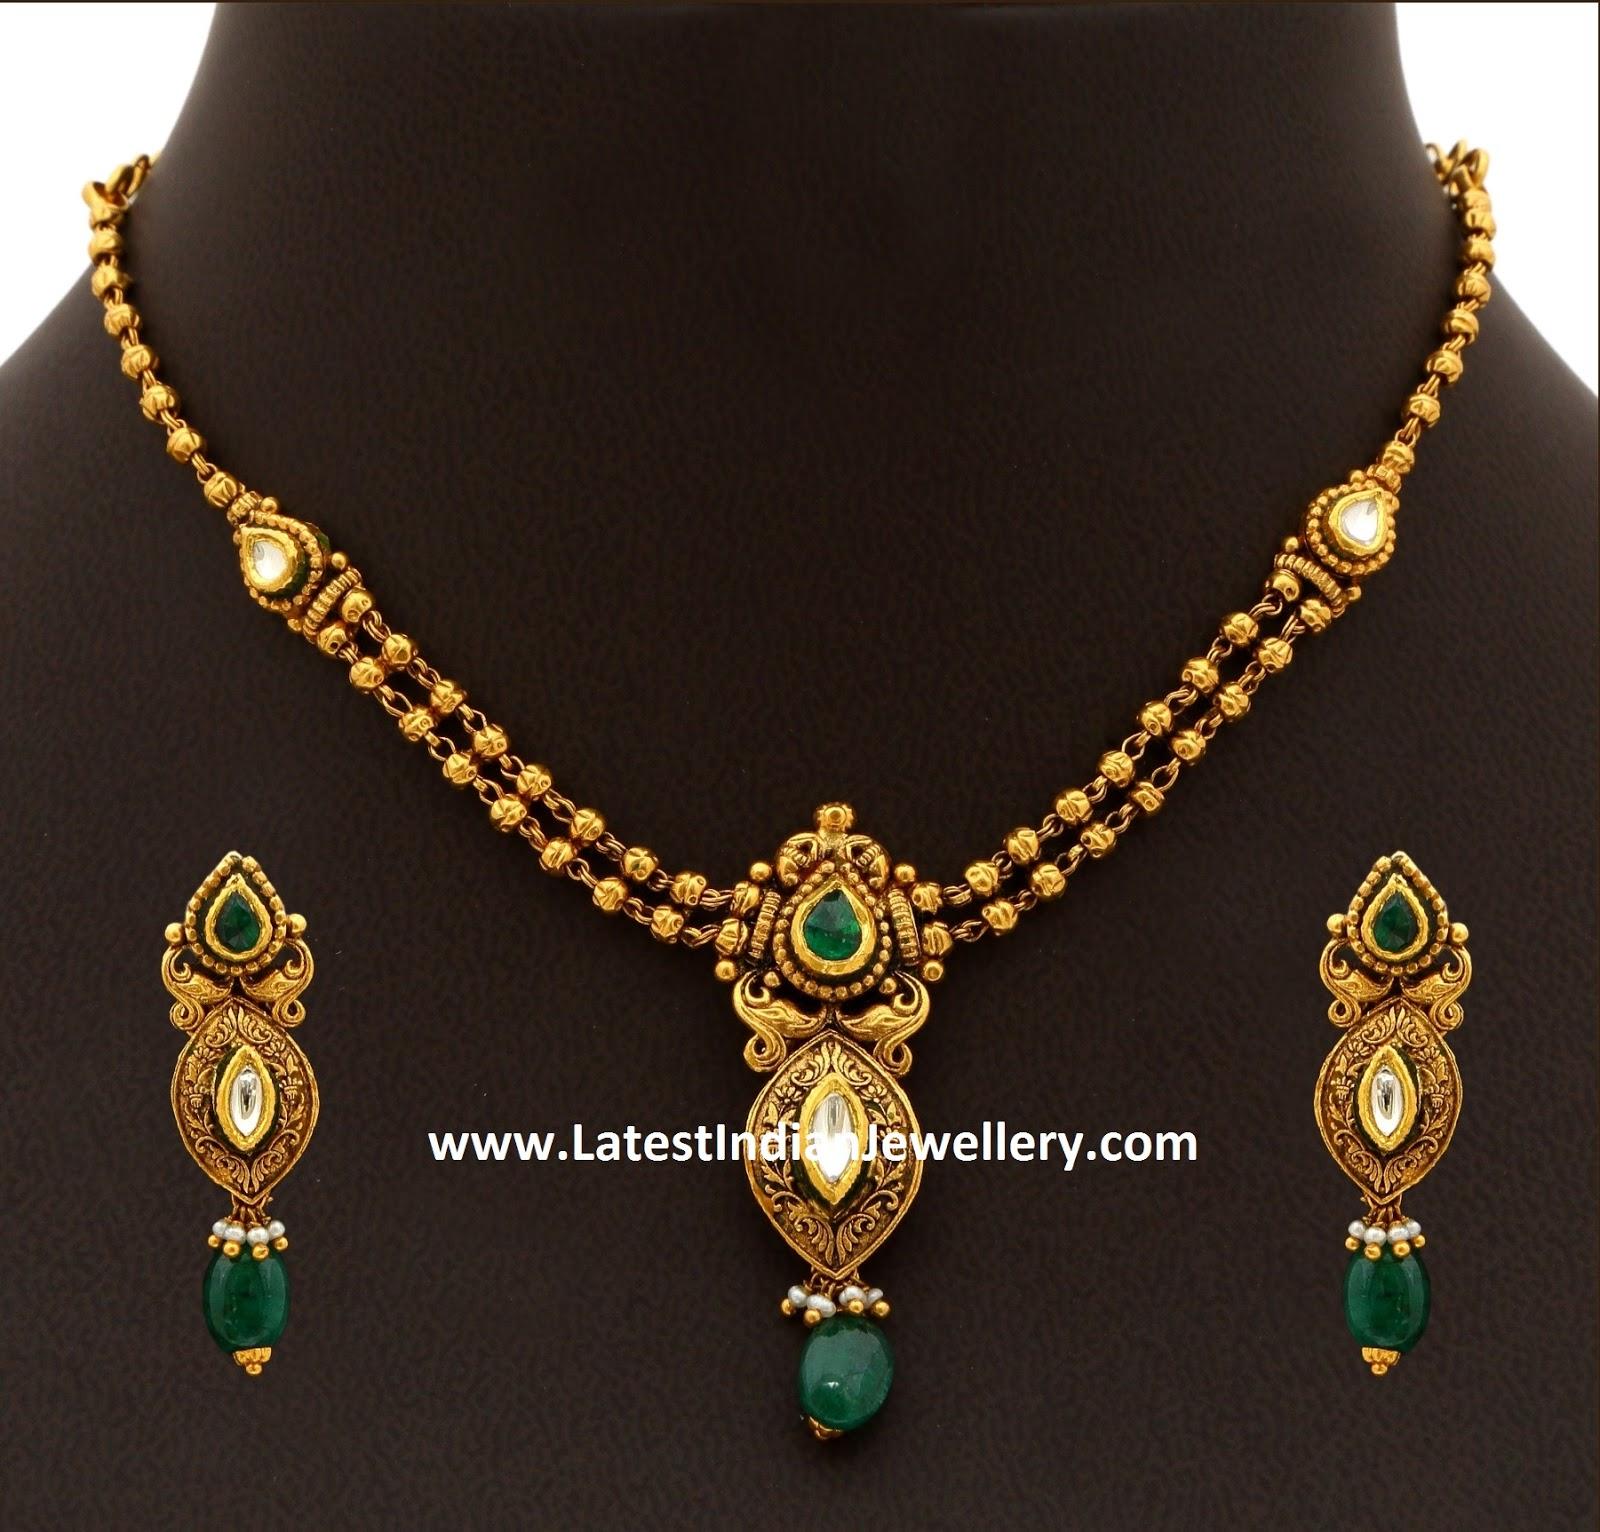 20gms Antique Gold Necklace